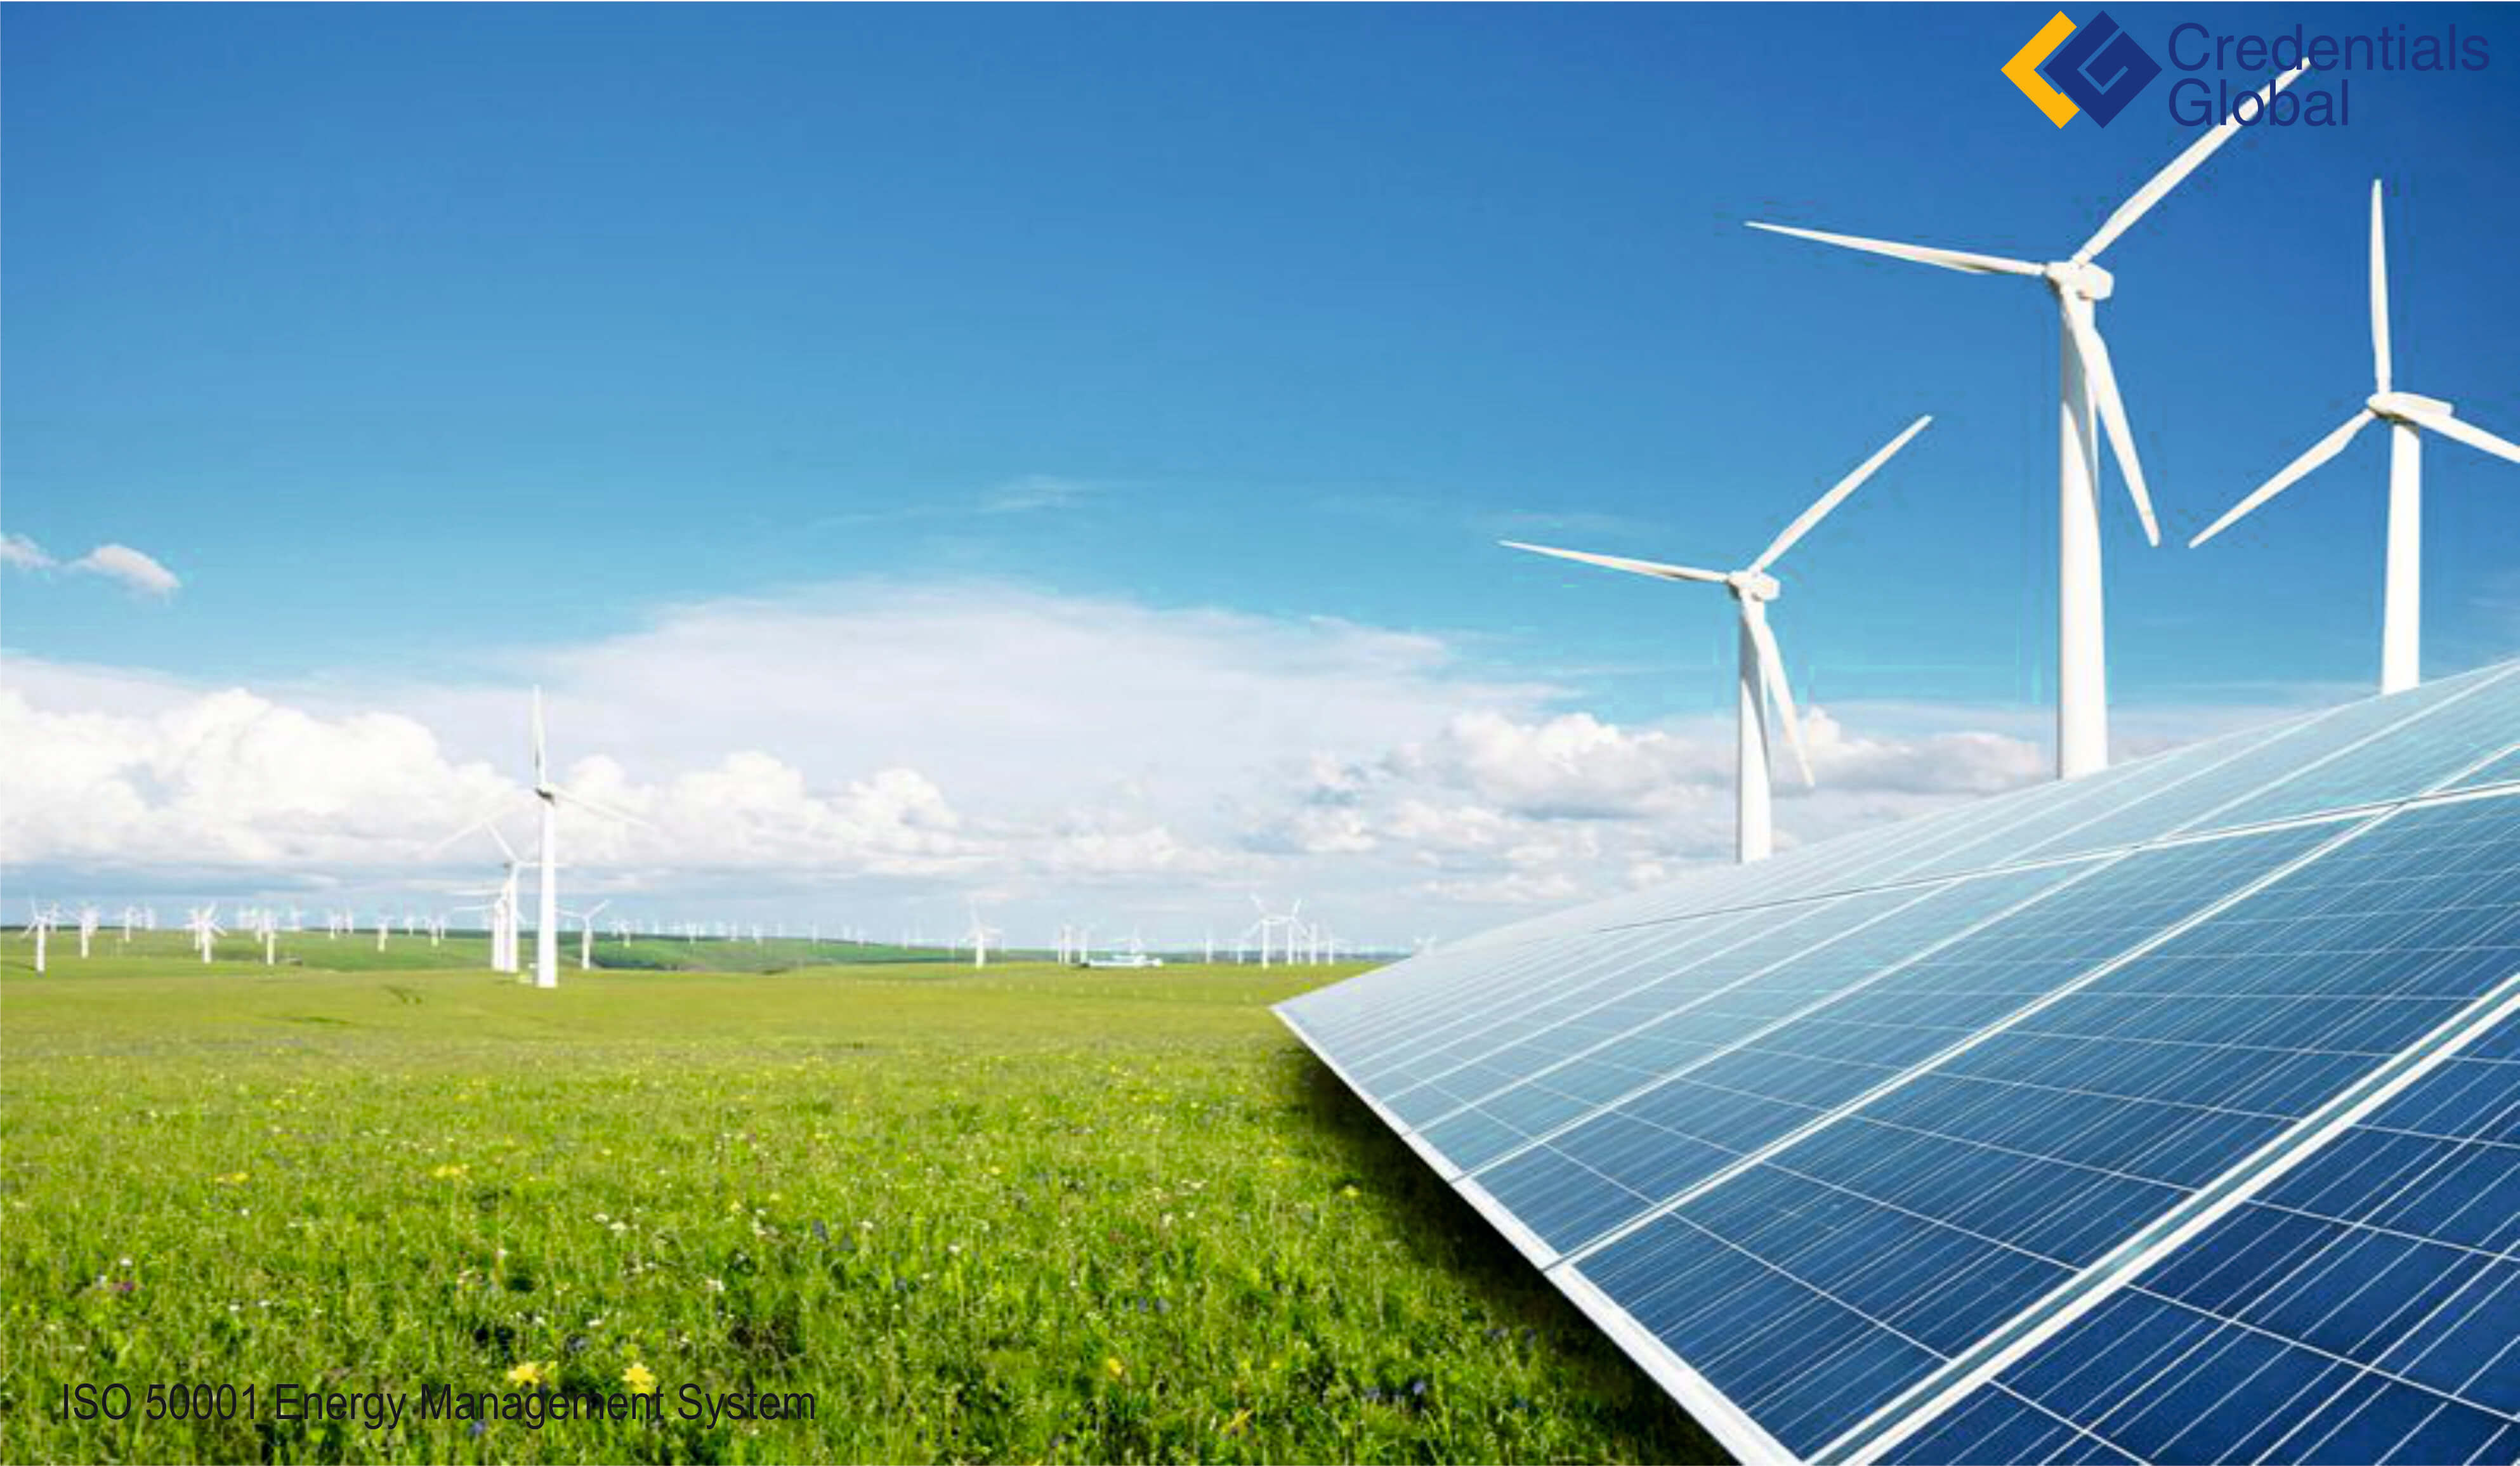 ISO 50001 - Système de Management de l'Energie -  Foundation  -